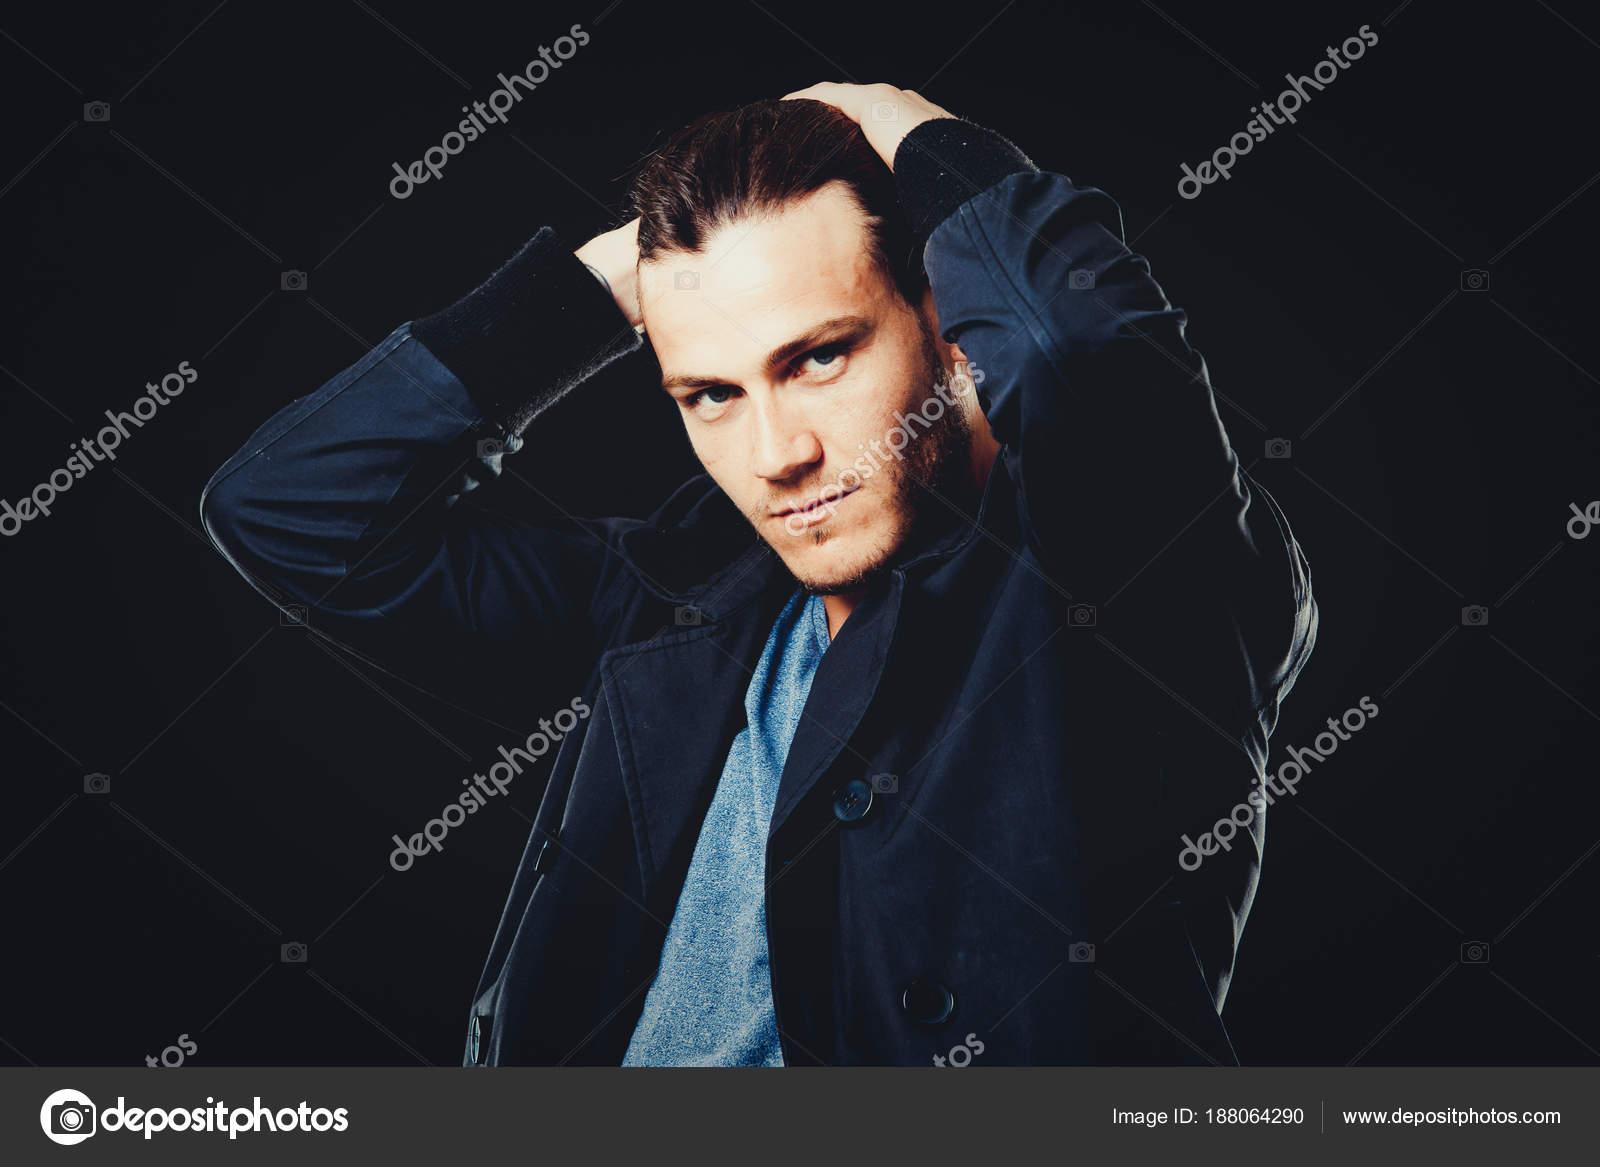 Fronte del primo piano di giovane uomo barbuta su sfondo scuro moderna e  drammatica foto. Modello maschio Caucausian indossa una maglietta blu e  giacca nera ... b23d64a0eaa